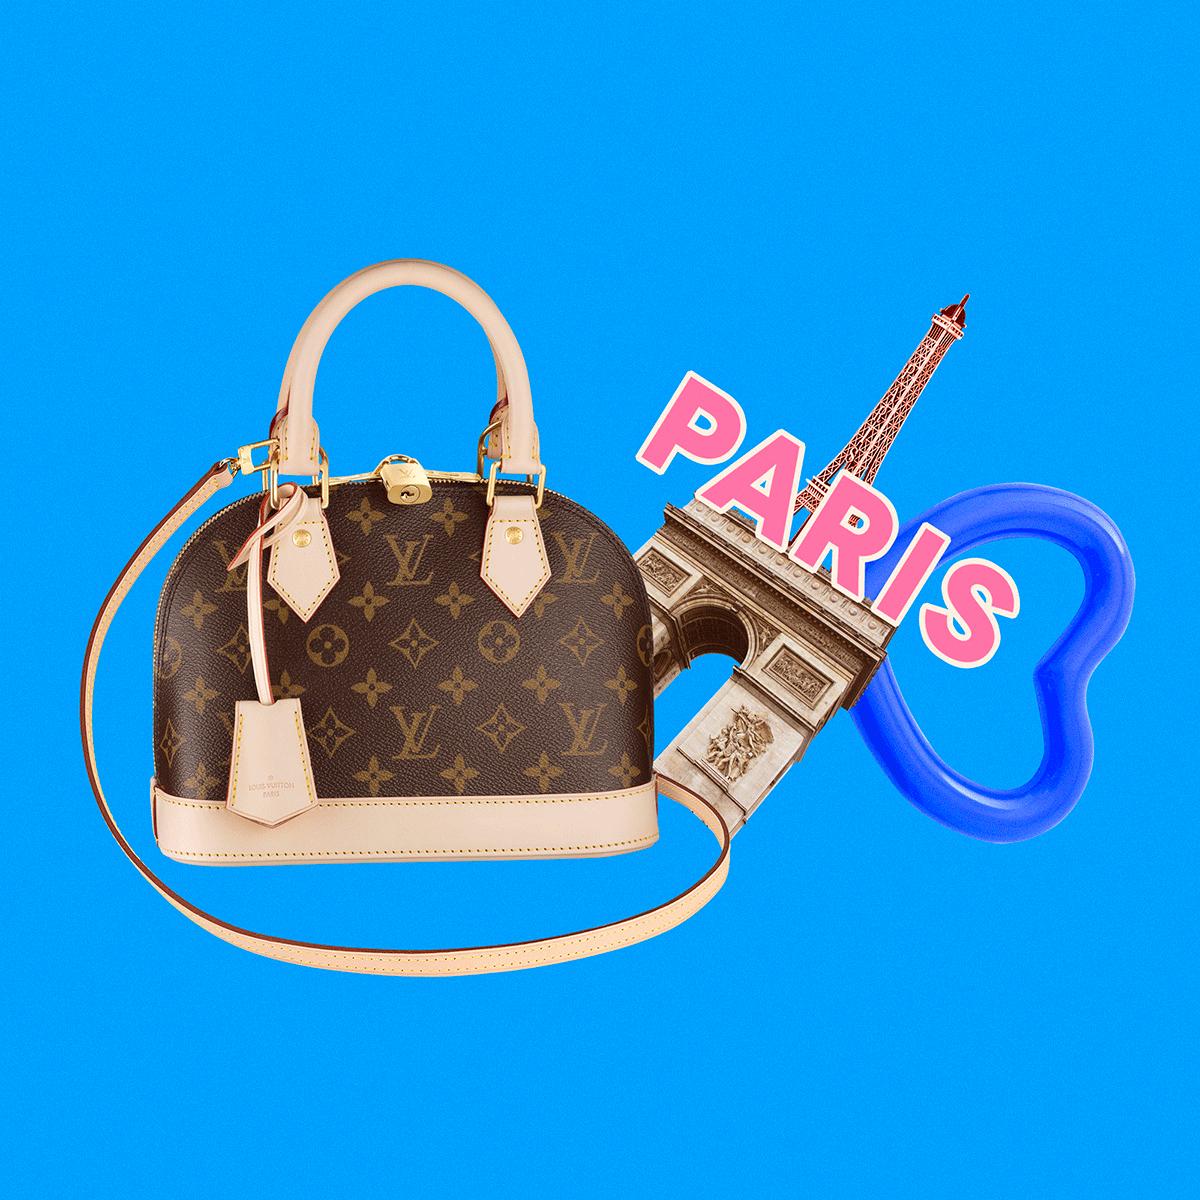 Сумки Луи Виттон 2016 Новая коллекция сумок